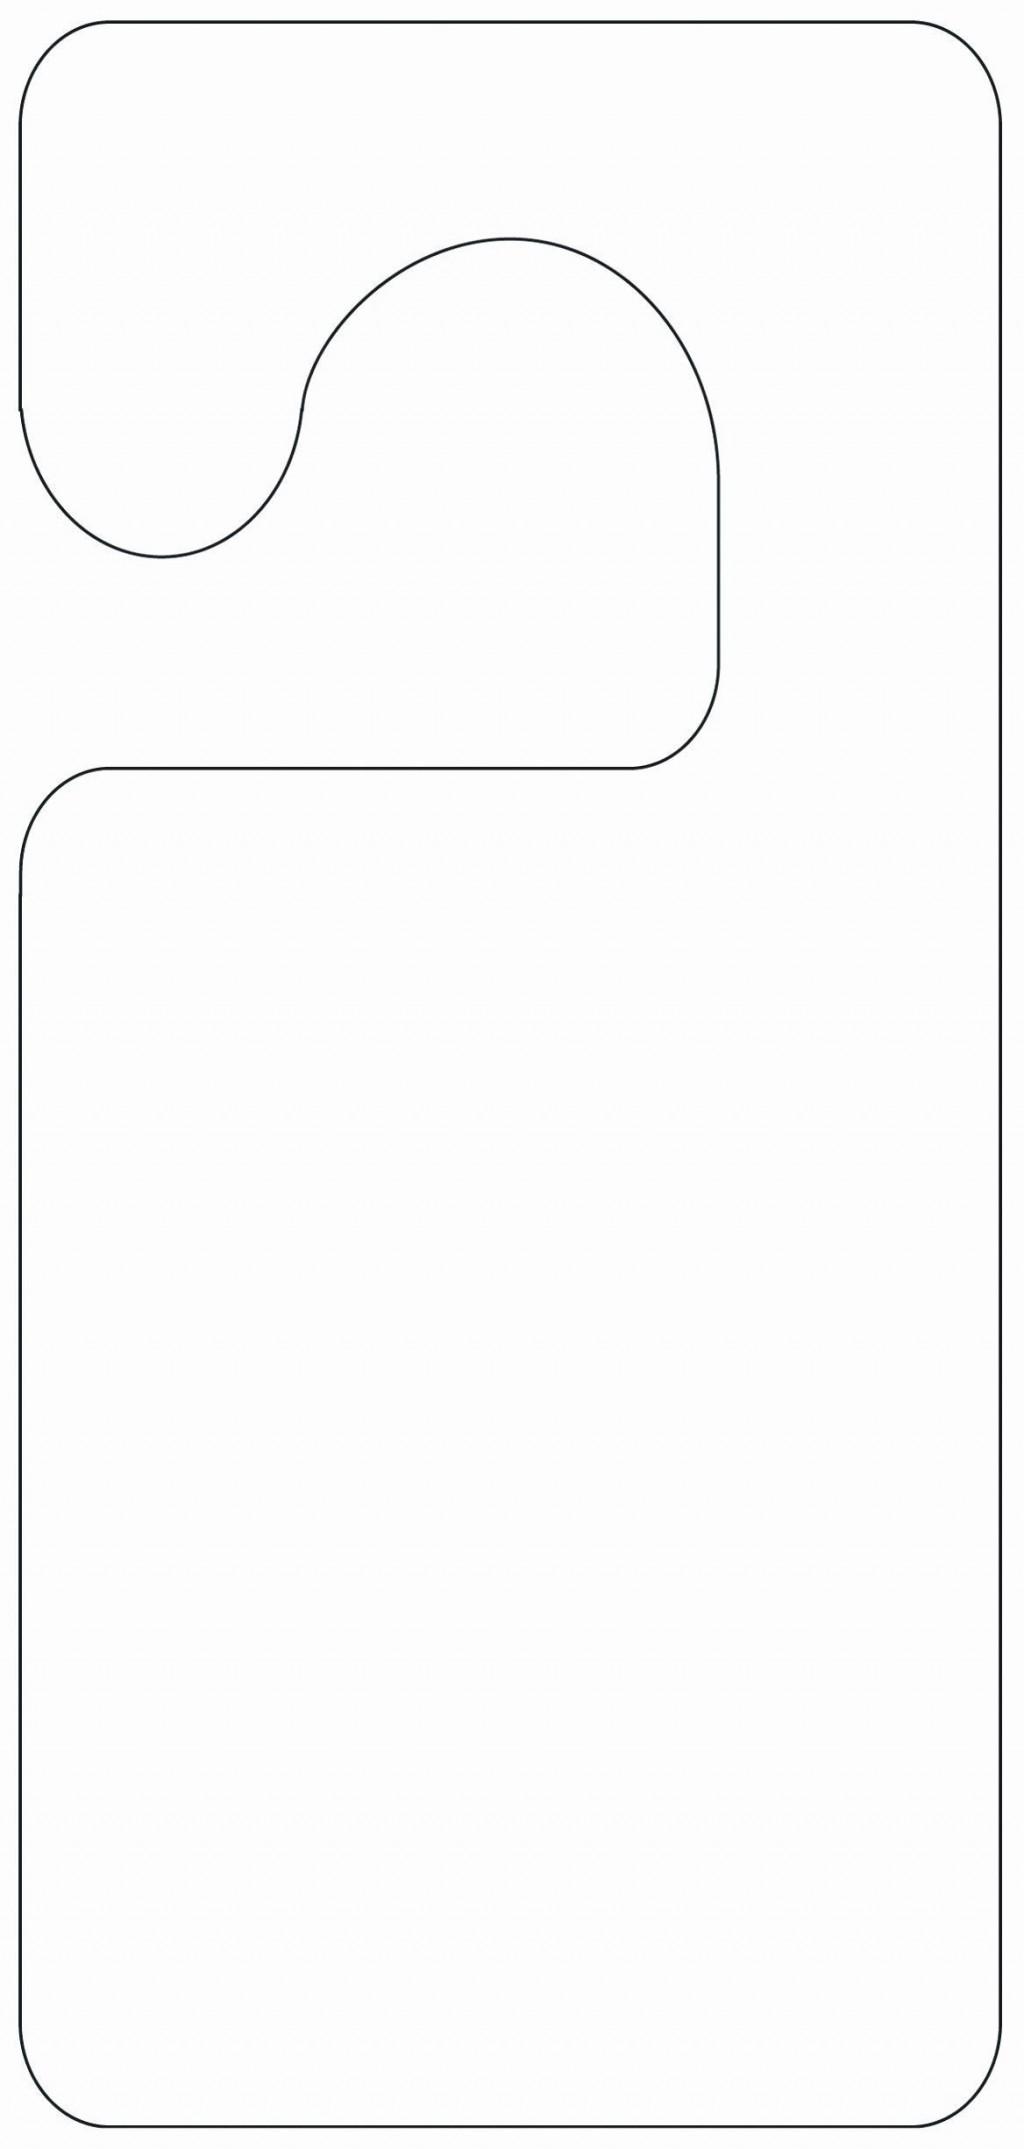 002 Fantastic Free Template For Door Hanger Word Image  WeddingLarge